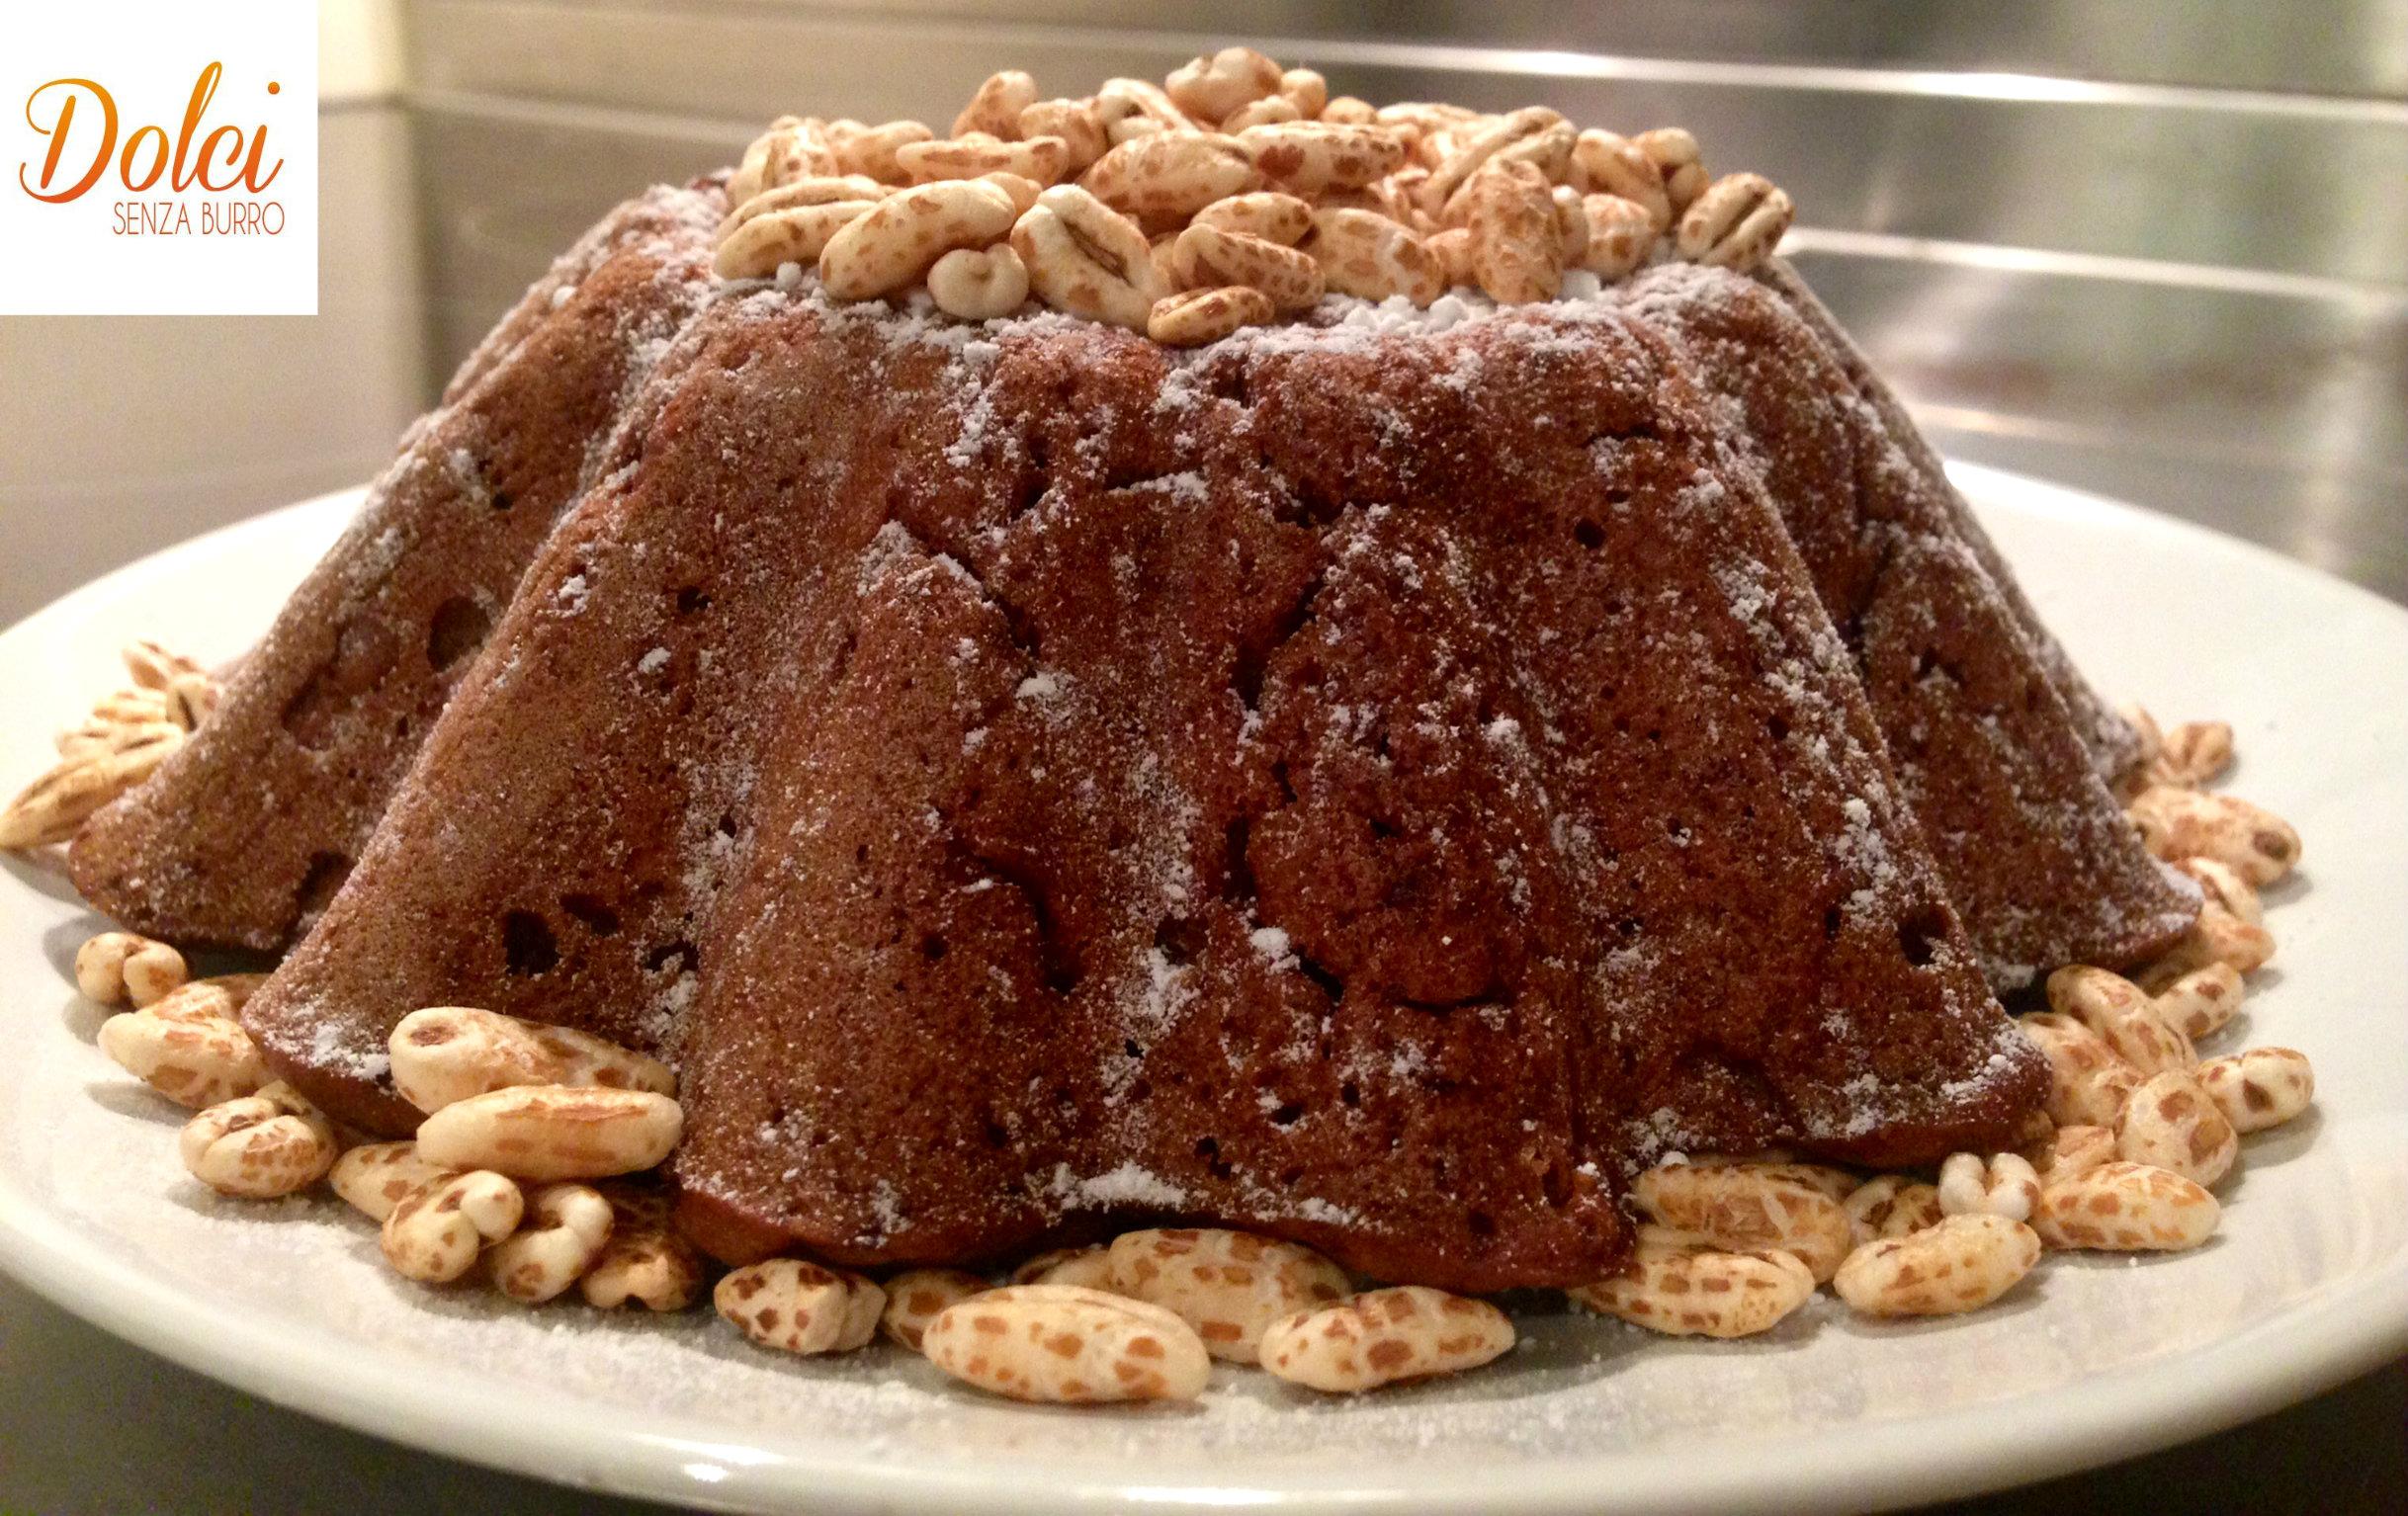 torta di orzo e cioccolato senza burro, il dolce senza uova e lattosio di dolci senza burro